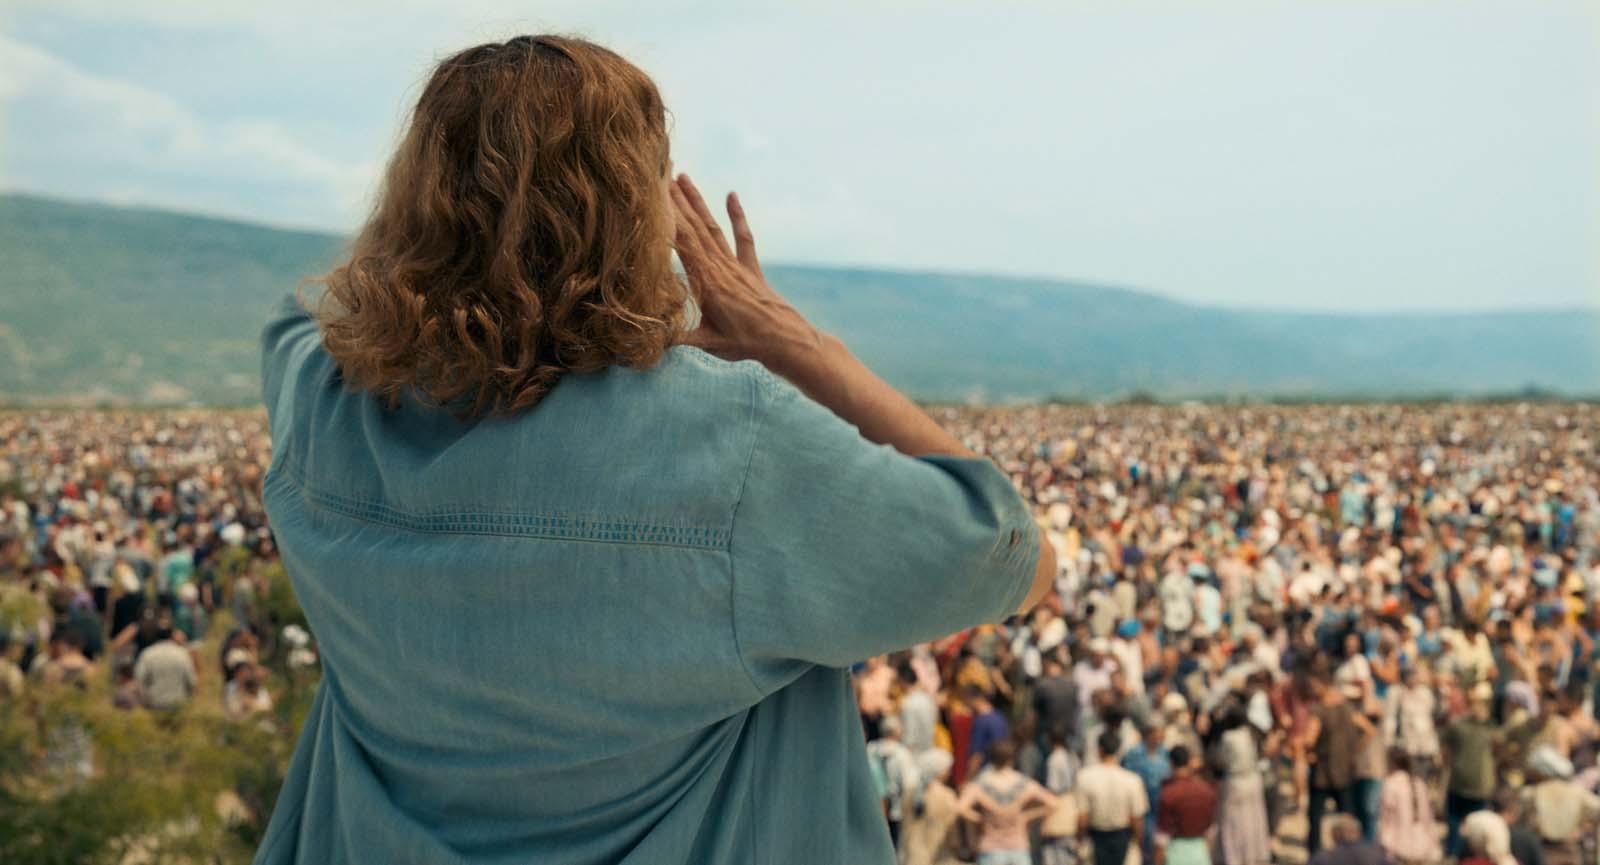 Cena de Quo Vadis, Aida?. Nela Vemos Aida de costas. Ela veste uma camisa azul. Suas mãos estão na altura da boca. Ela fala com centenas de pessoas que estão ao fundo da foto de forma desfocada.